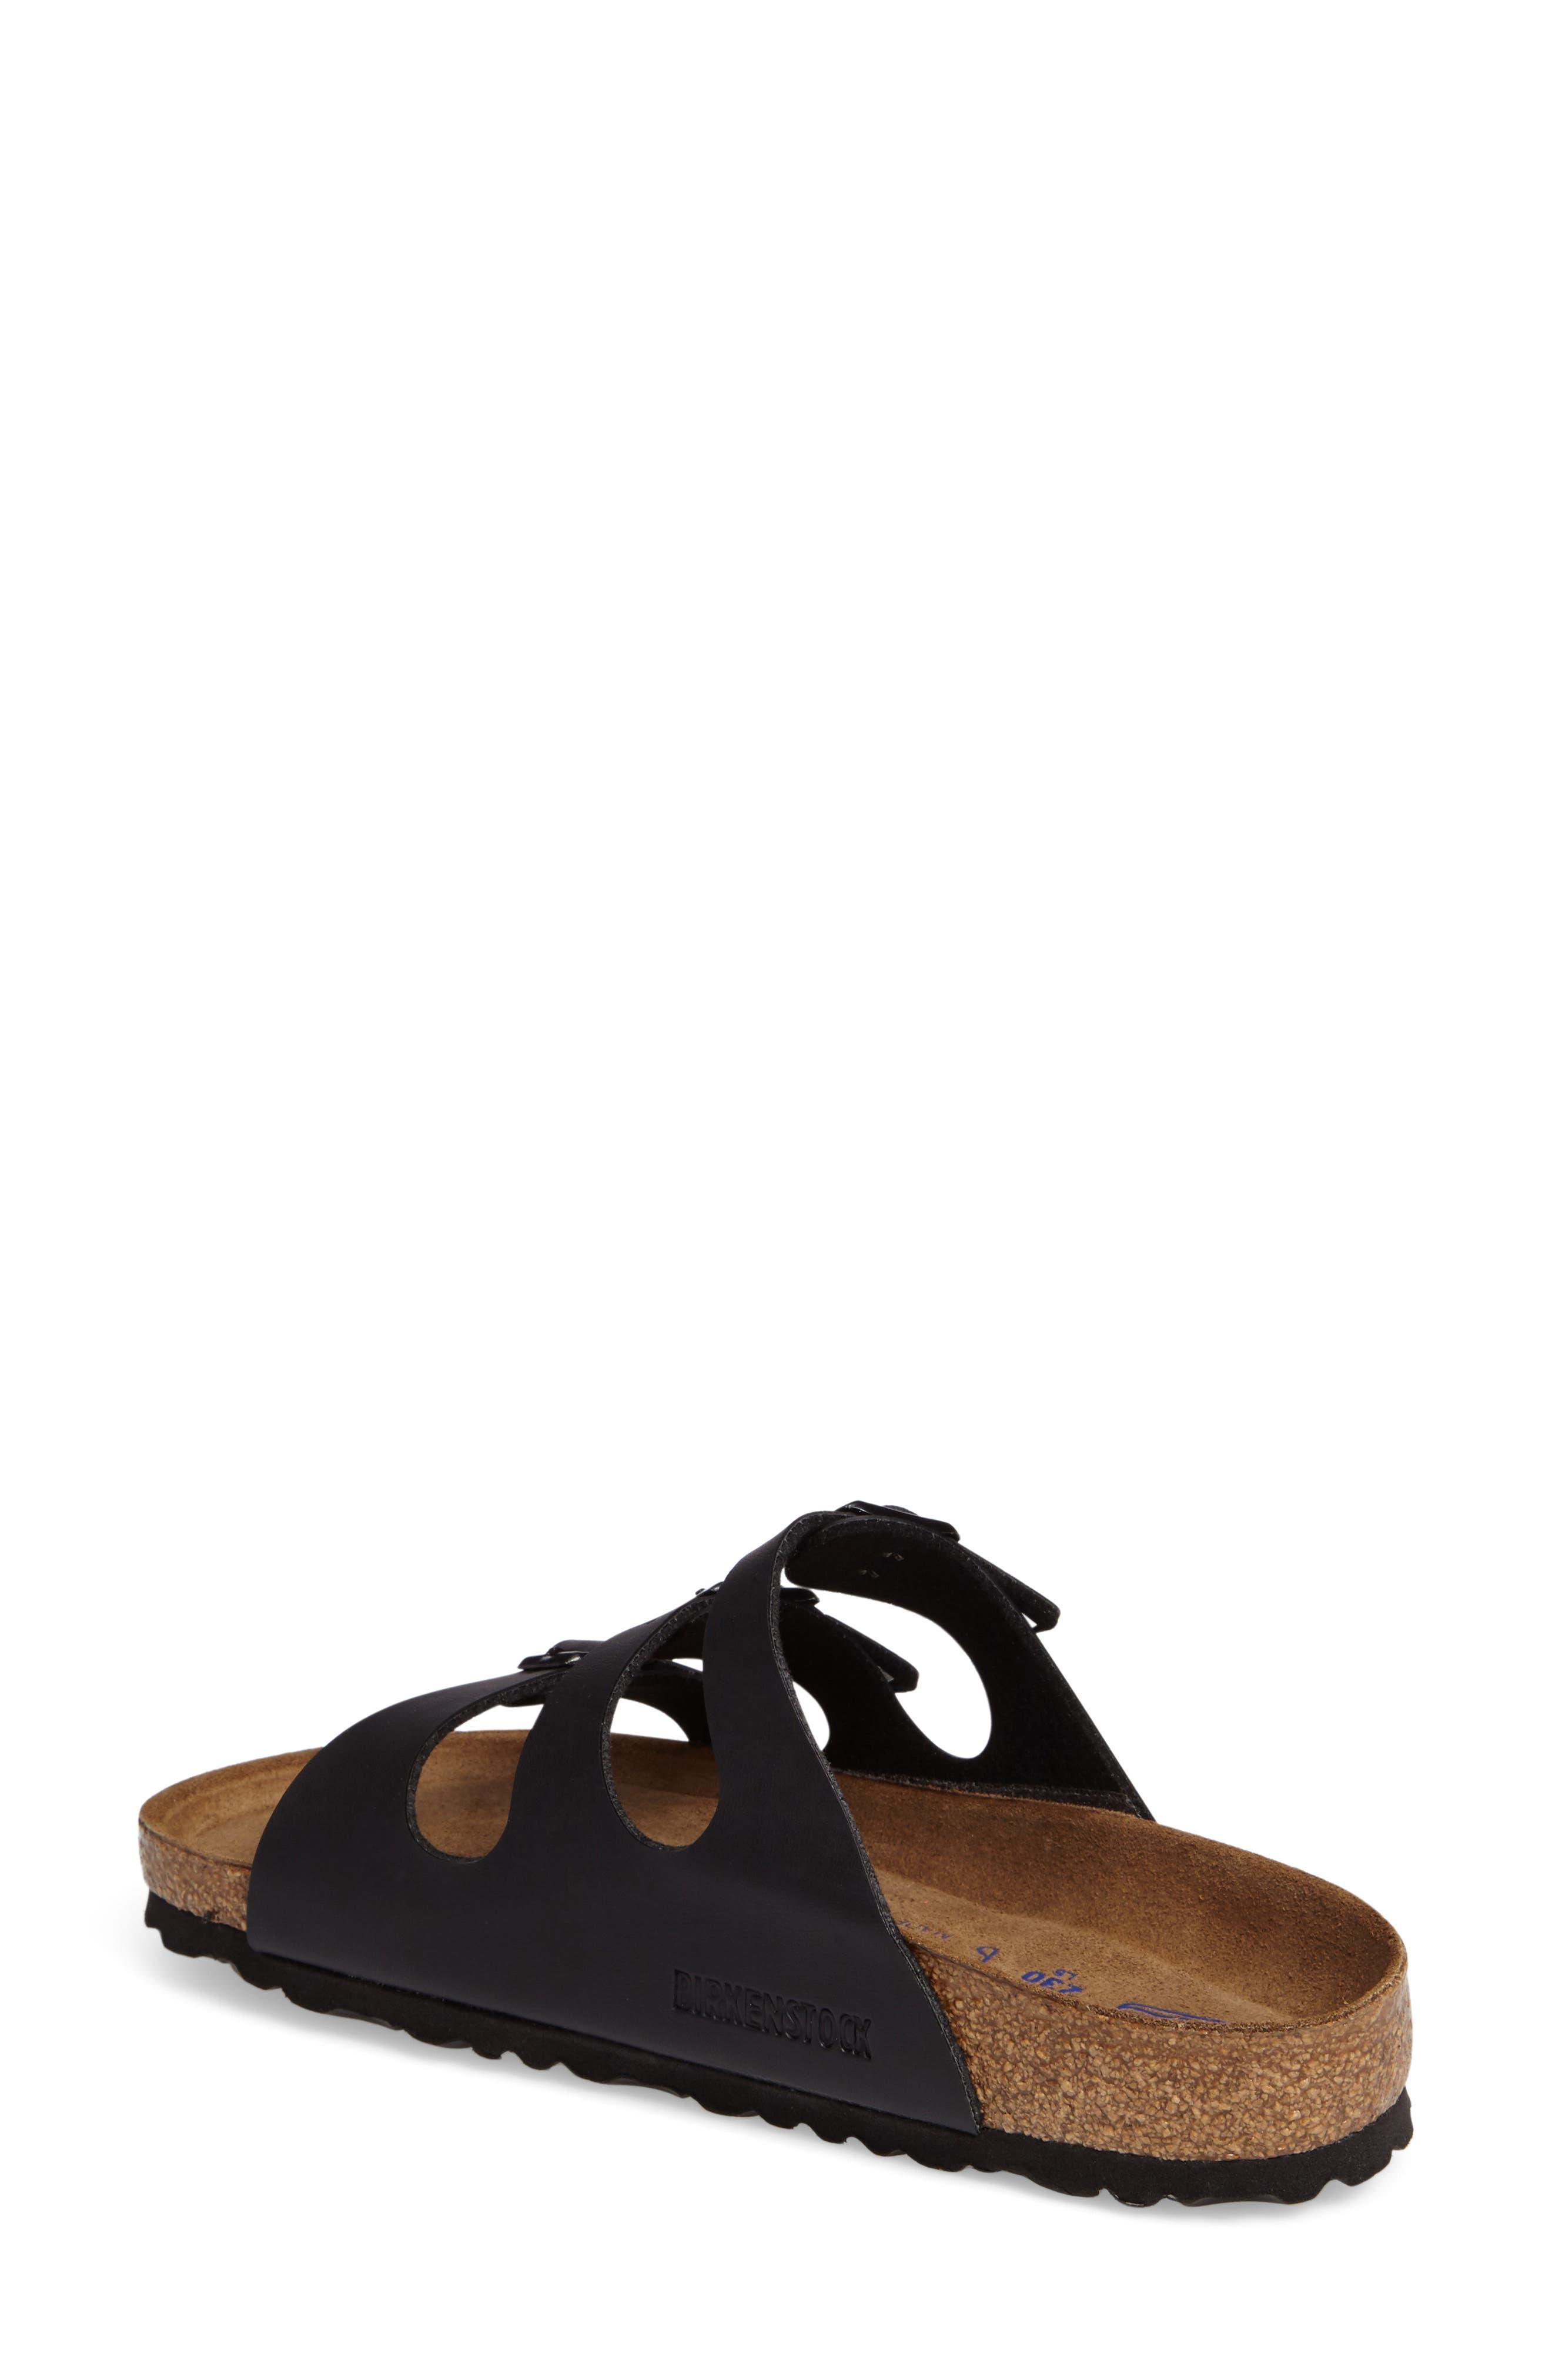 Alternate Image 2  - Birkenstock Florida Soft Footbed Slide Sandal (Women)